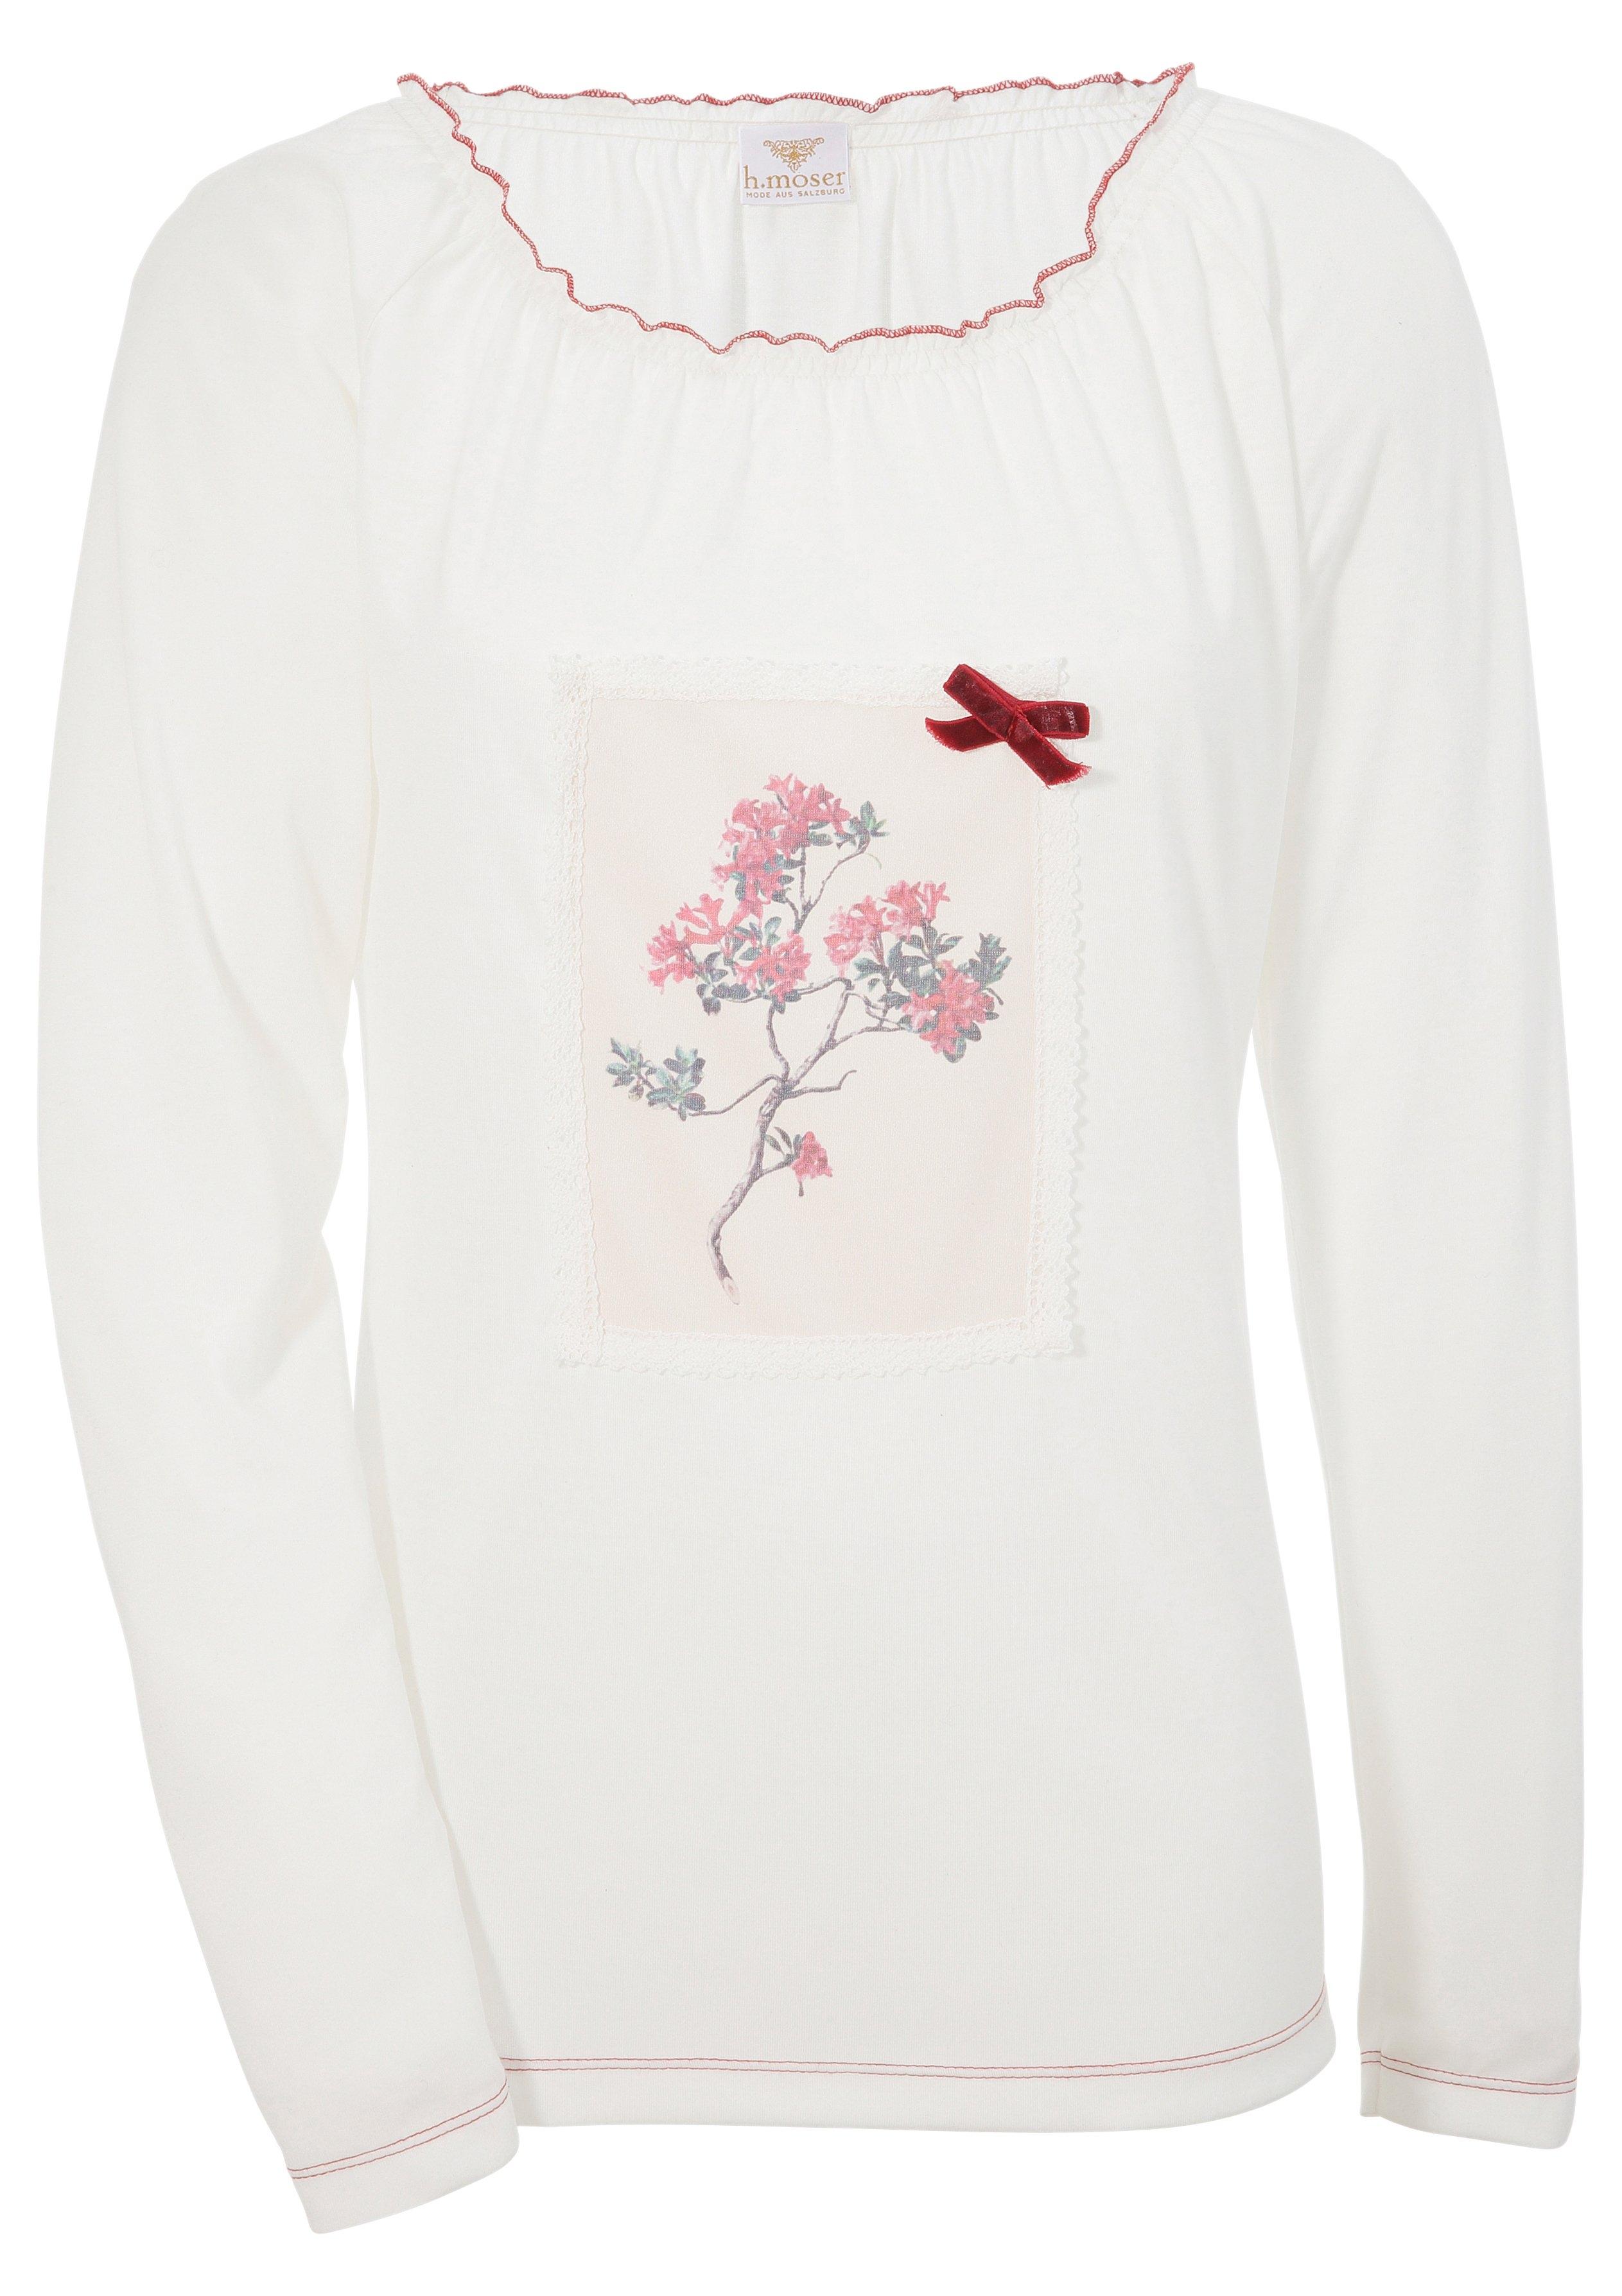 H.moser Hohenstaufen folklore-damesshirt met decoratieve print goedkoop op otto.nl kopen